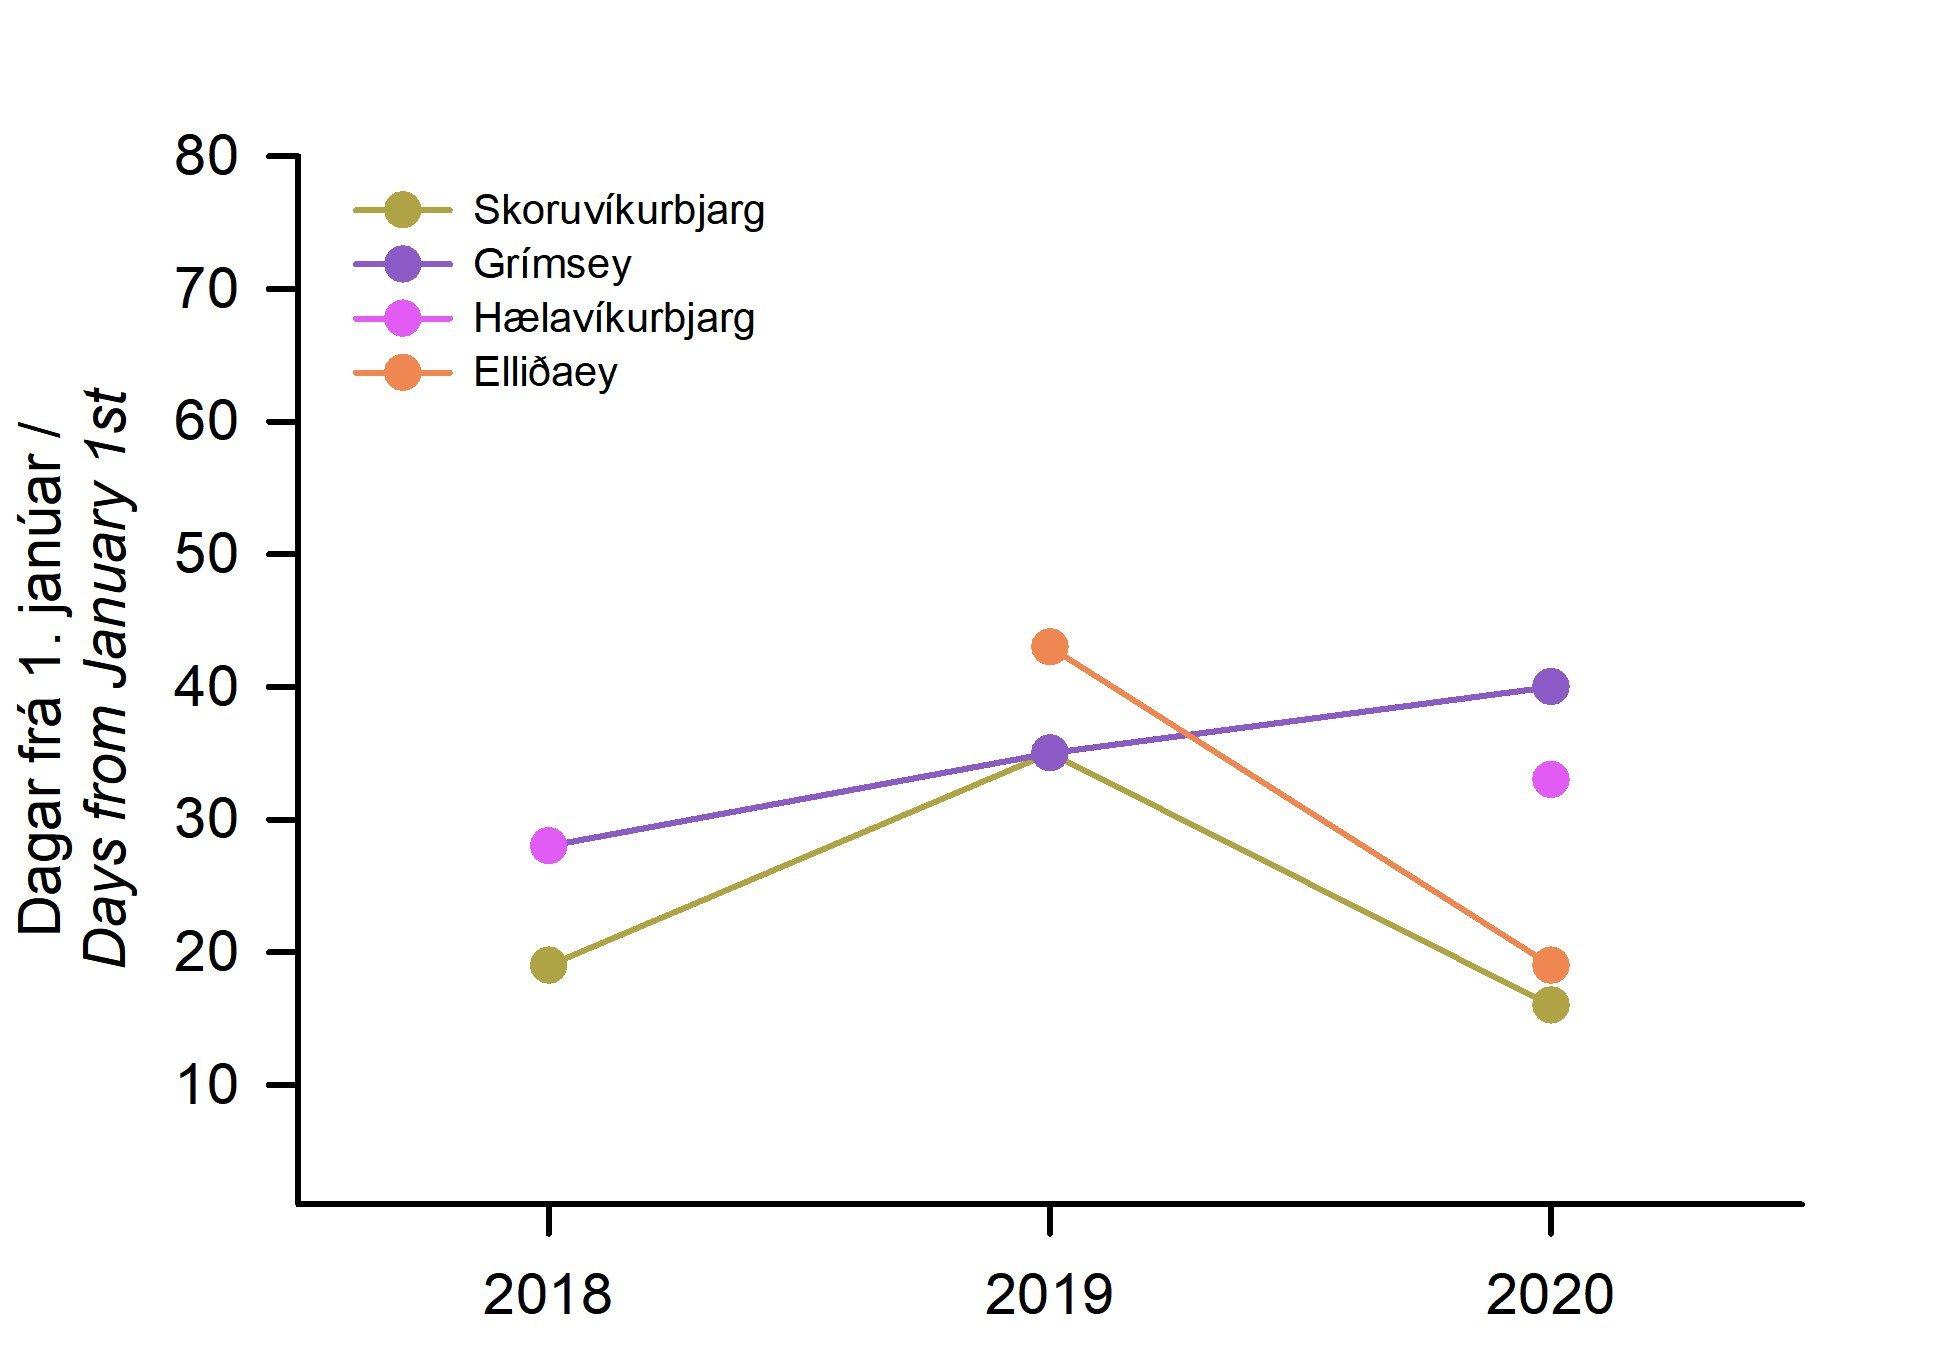 1. mynd. Komutími svartfugla á varpstað í fjórum björgum umhverfis landið 2018-2020. Komutími er sýndur sem fjöldi daga frá 1. janúar (dagur 1 = 1. janúar).